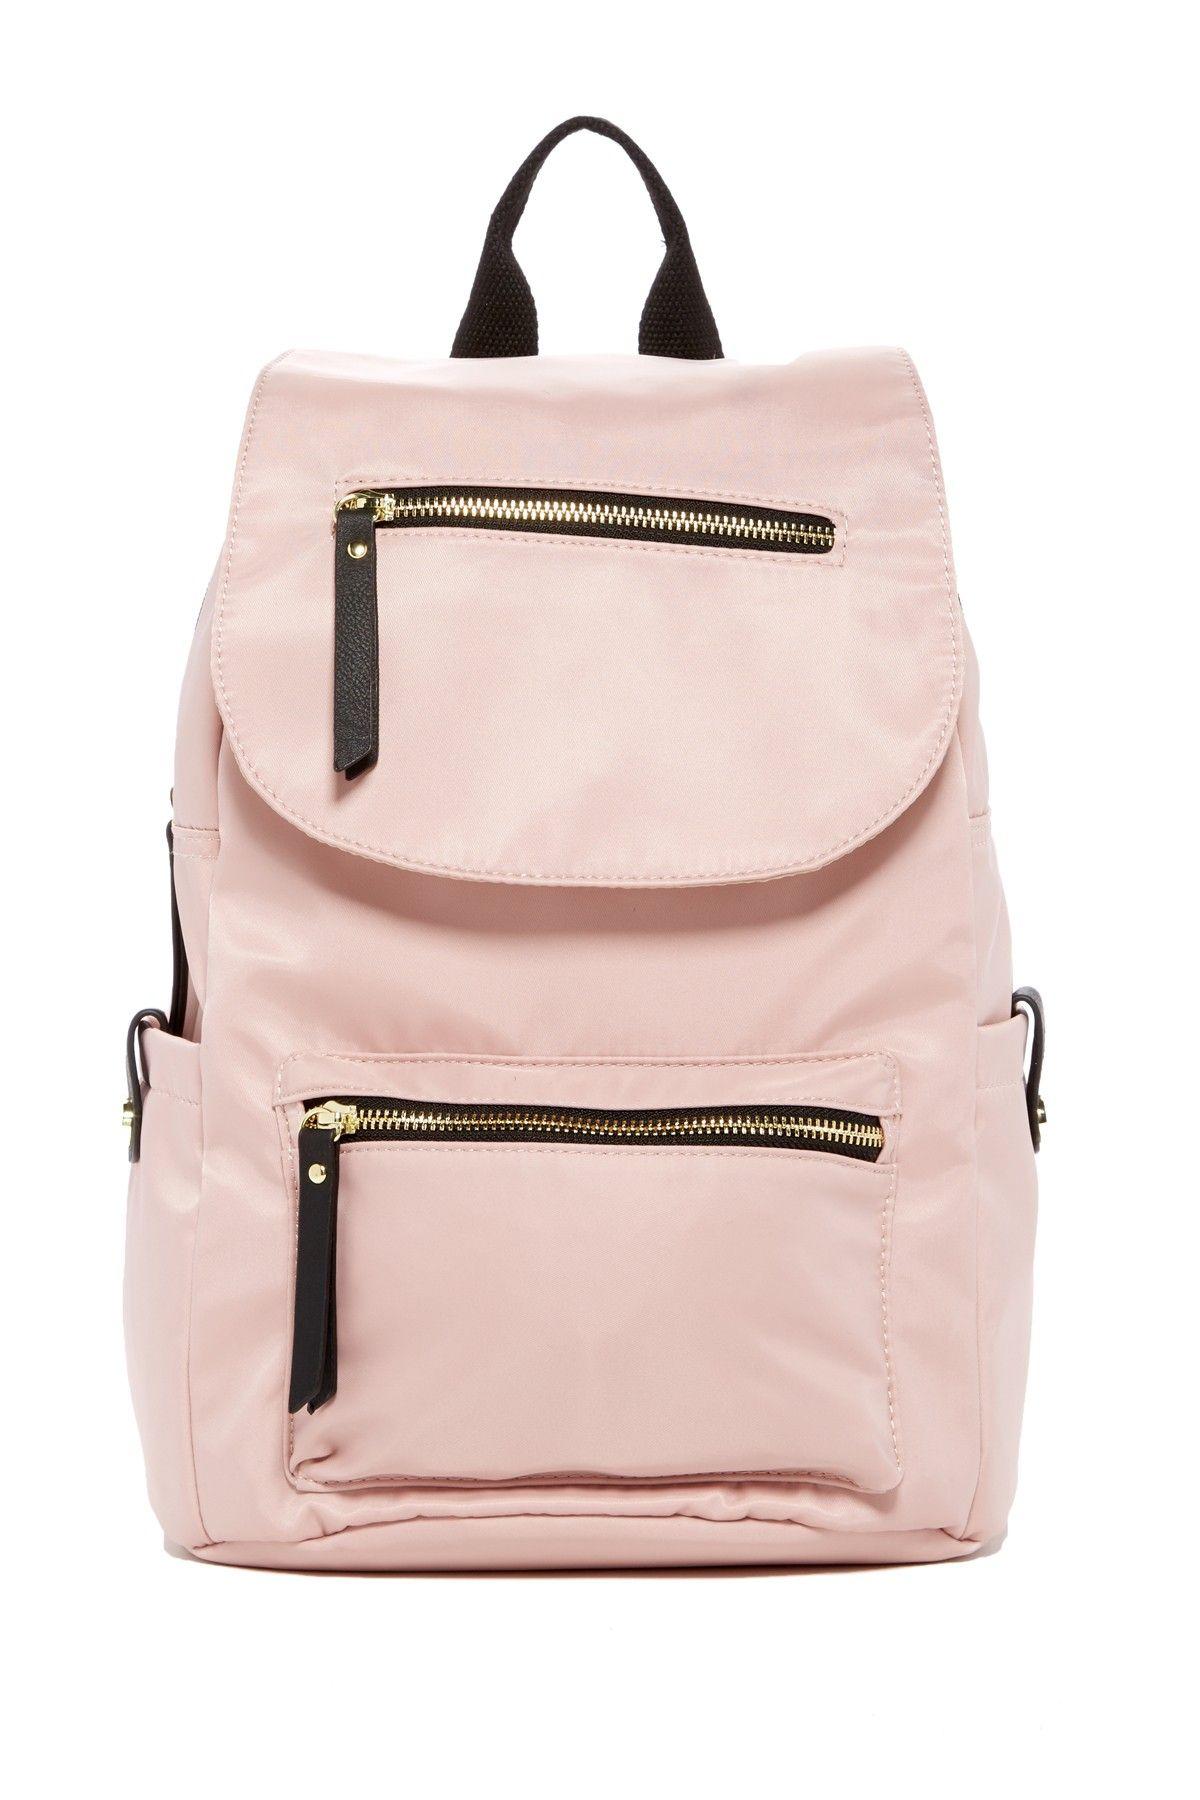 Madden Girl | Proper Nylon Flap Backpack | Backpacks, Nordstrom ...